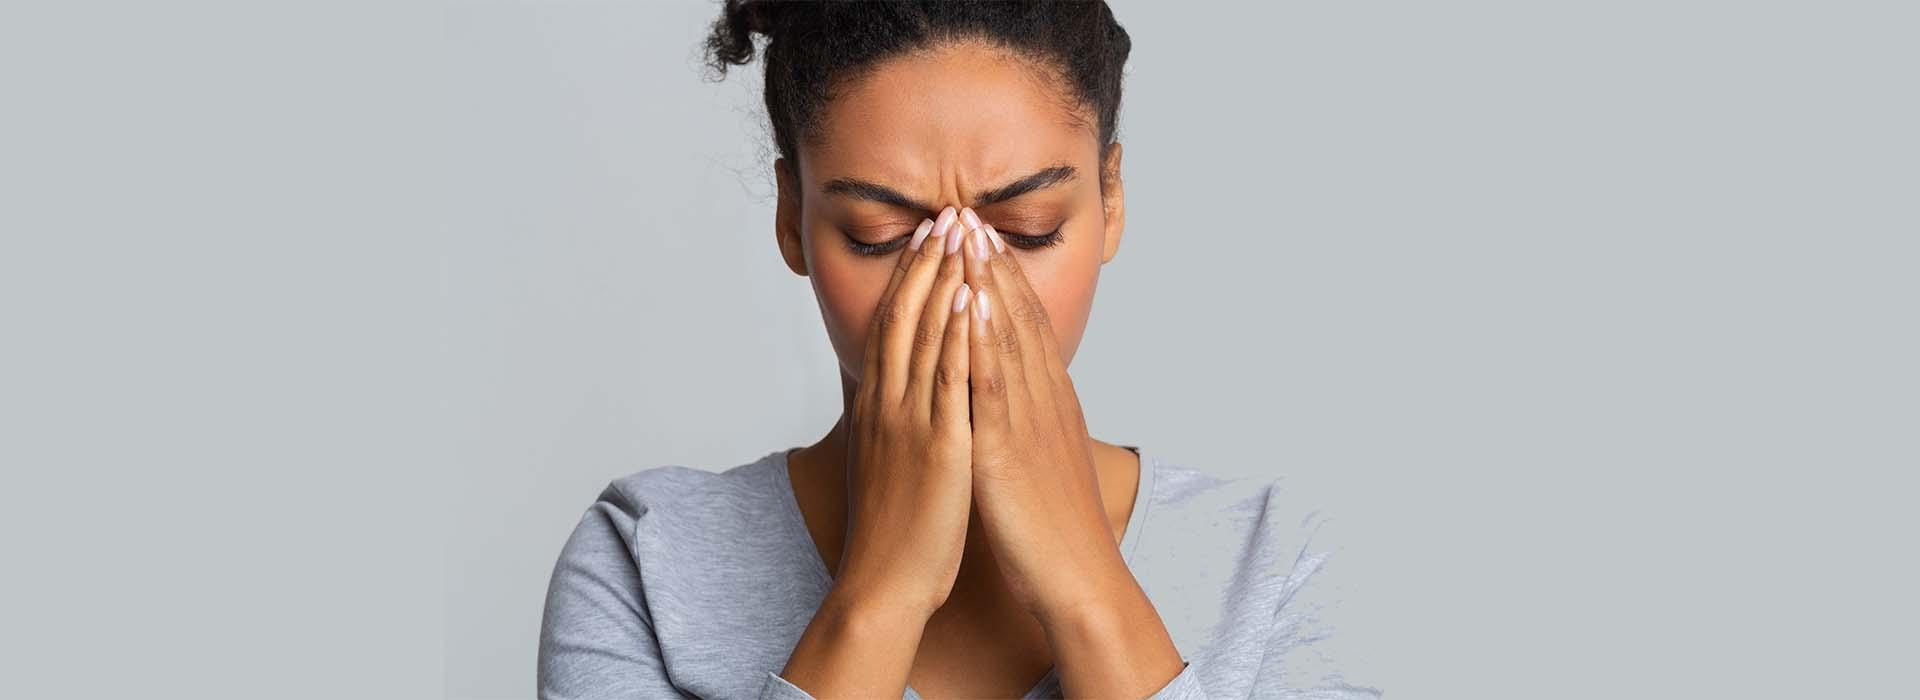 nariz mal operada